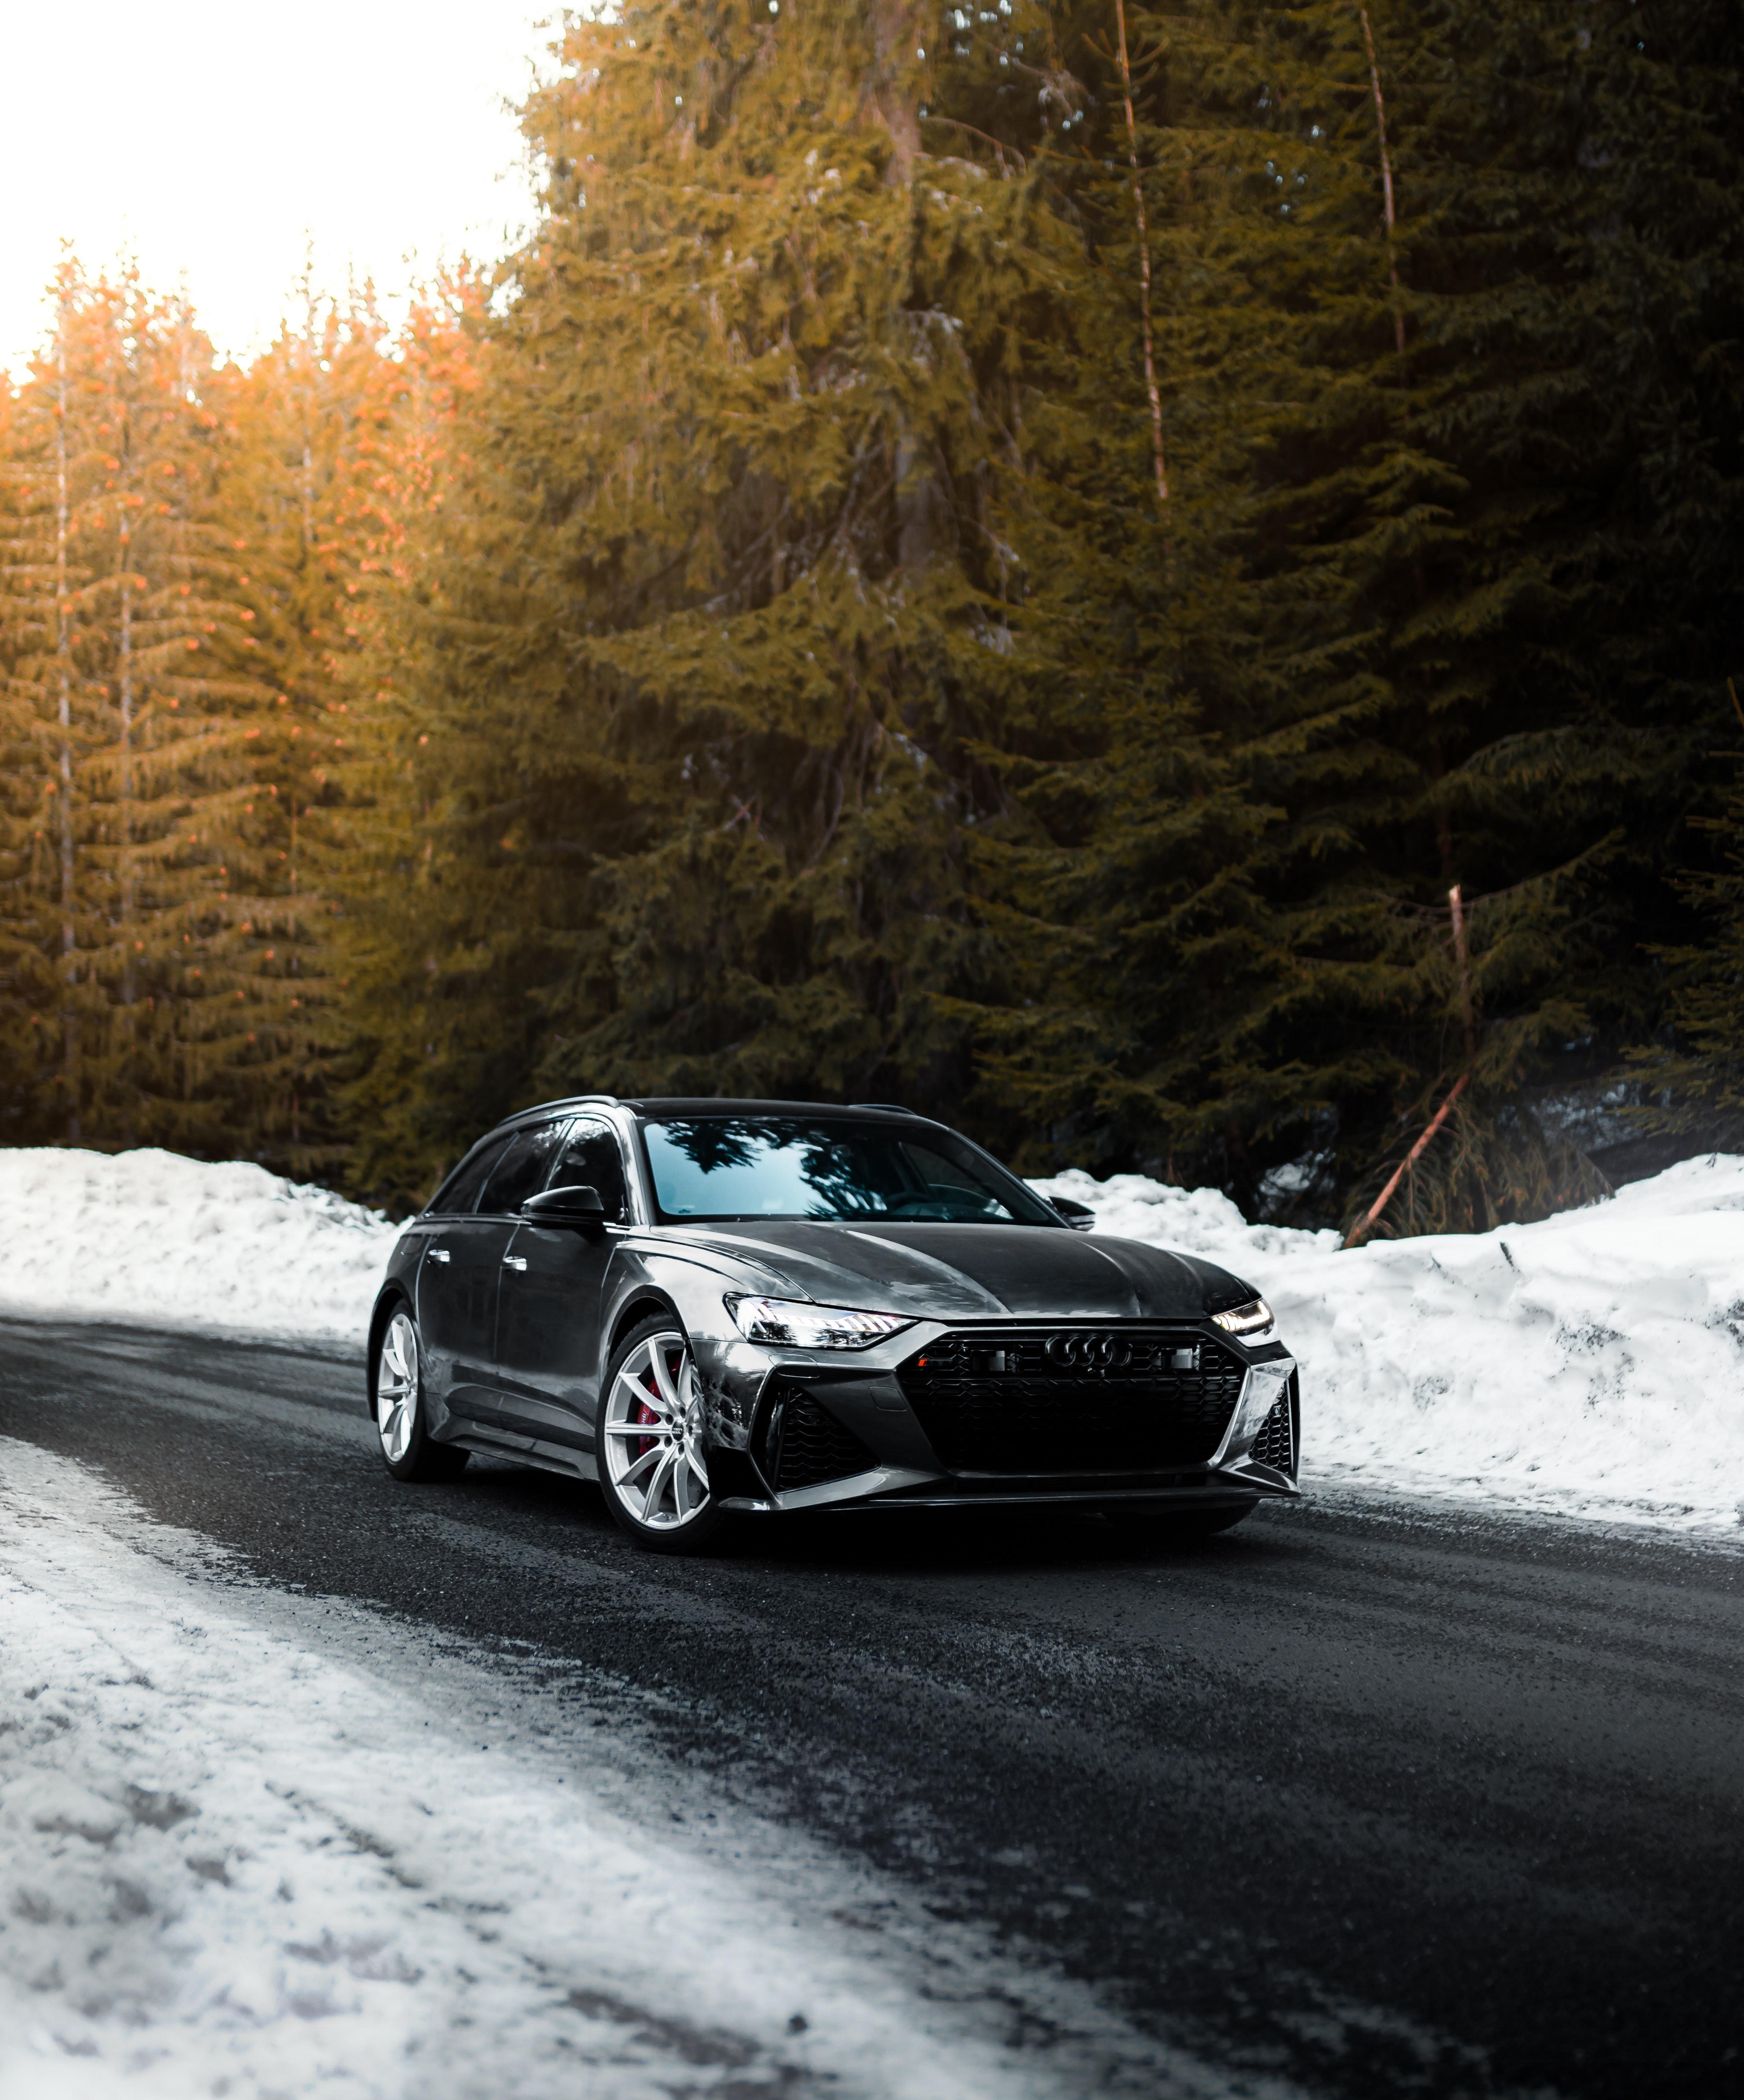 148244 скачать обои Ауди (Audi), Зима, Снег, Тачки (Cars), Дорога, Автомобиль, Серый, Скорость - заставки и картинки бесплатно